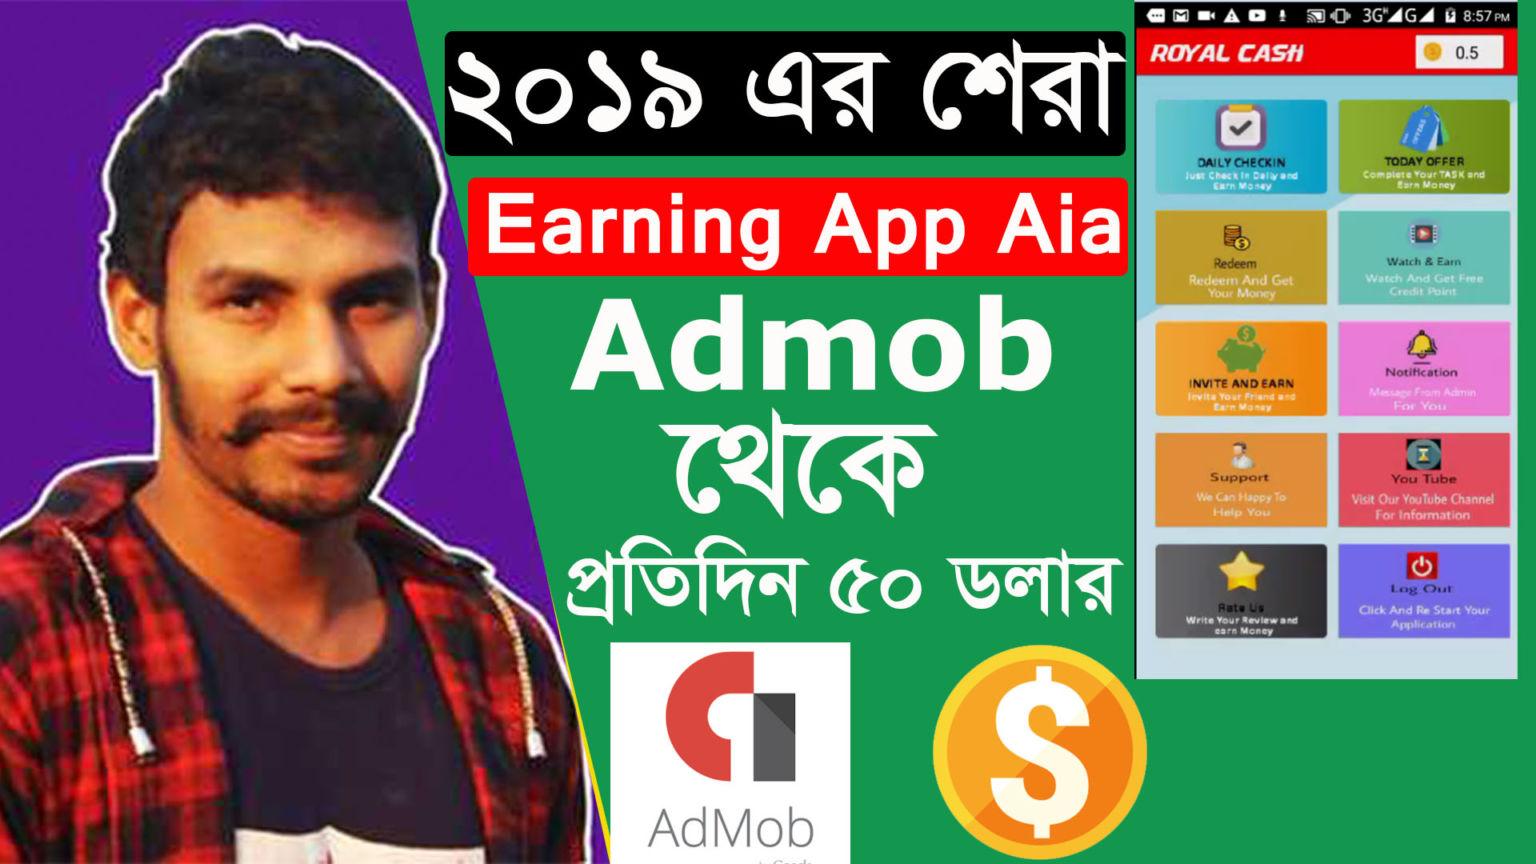 প্রফেশনাল Earning app aia ফাইল এড শো প্রুভ সহ